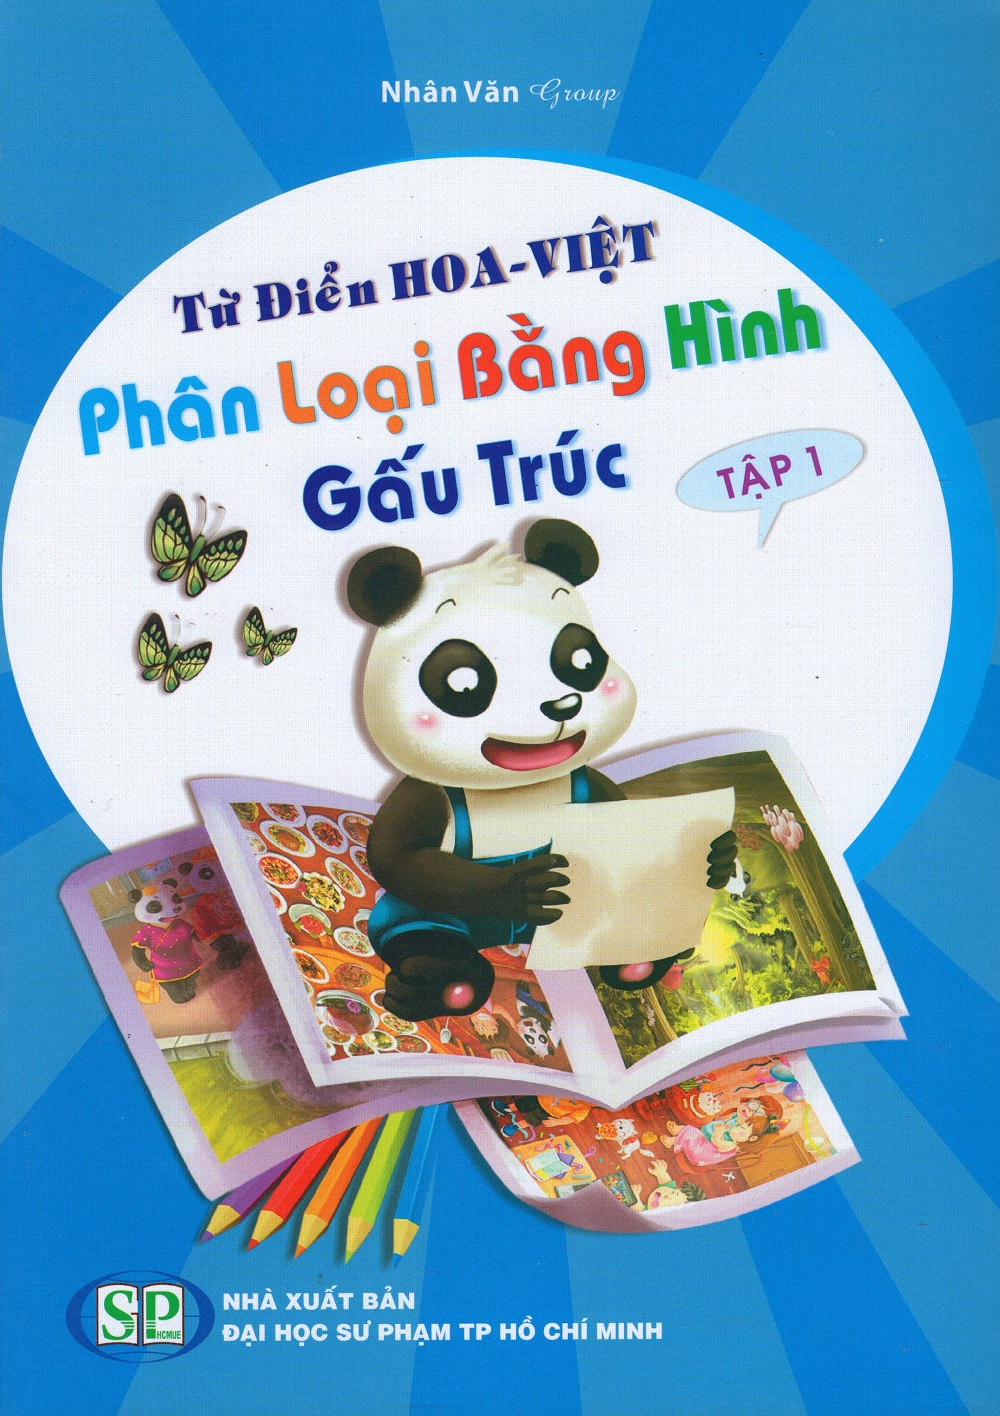 Bìa sách Từ Điển Hoa - Việt Phân Loại Bằng Hình Gấu Trúc (Tập 1)